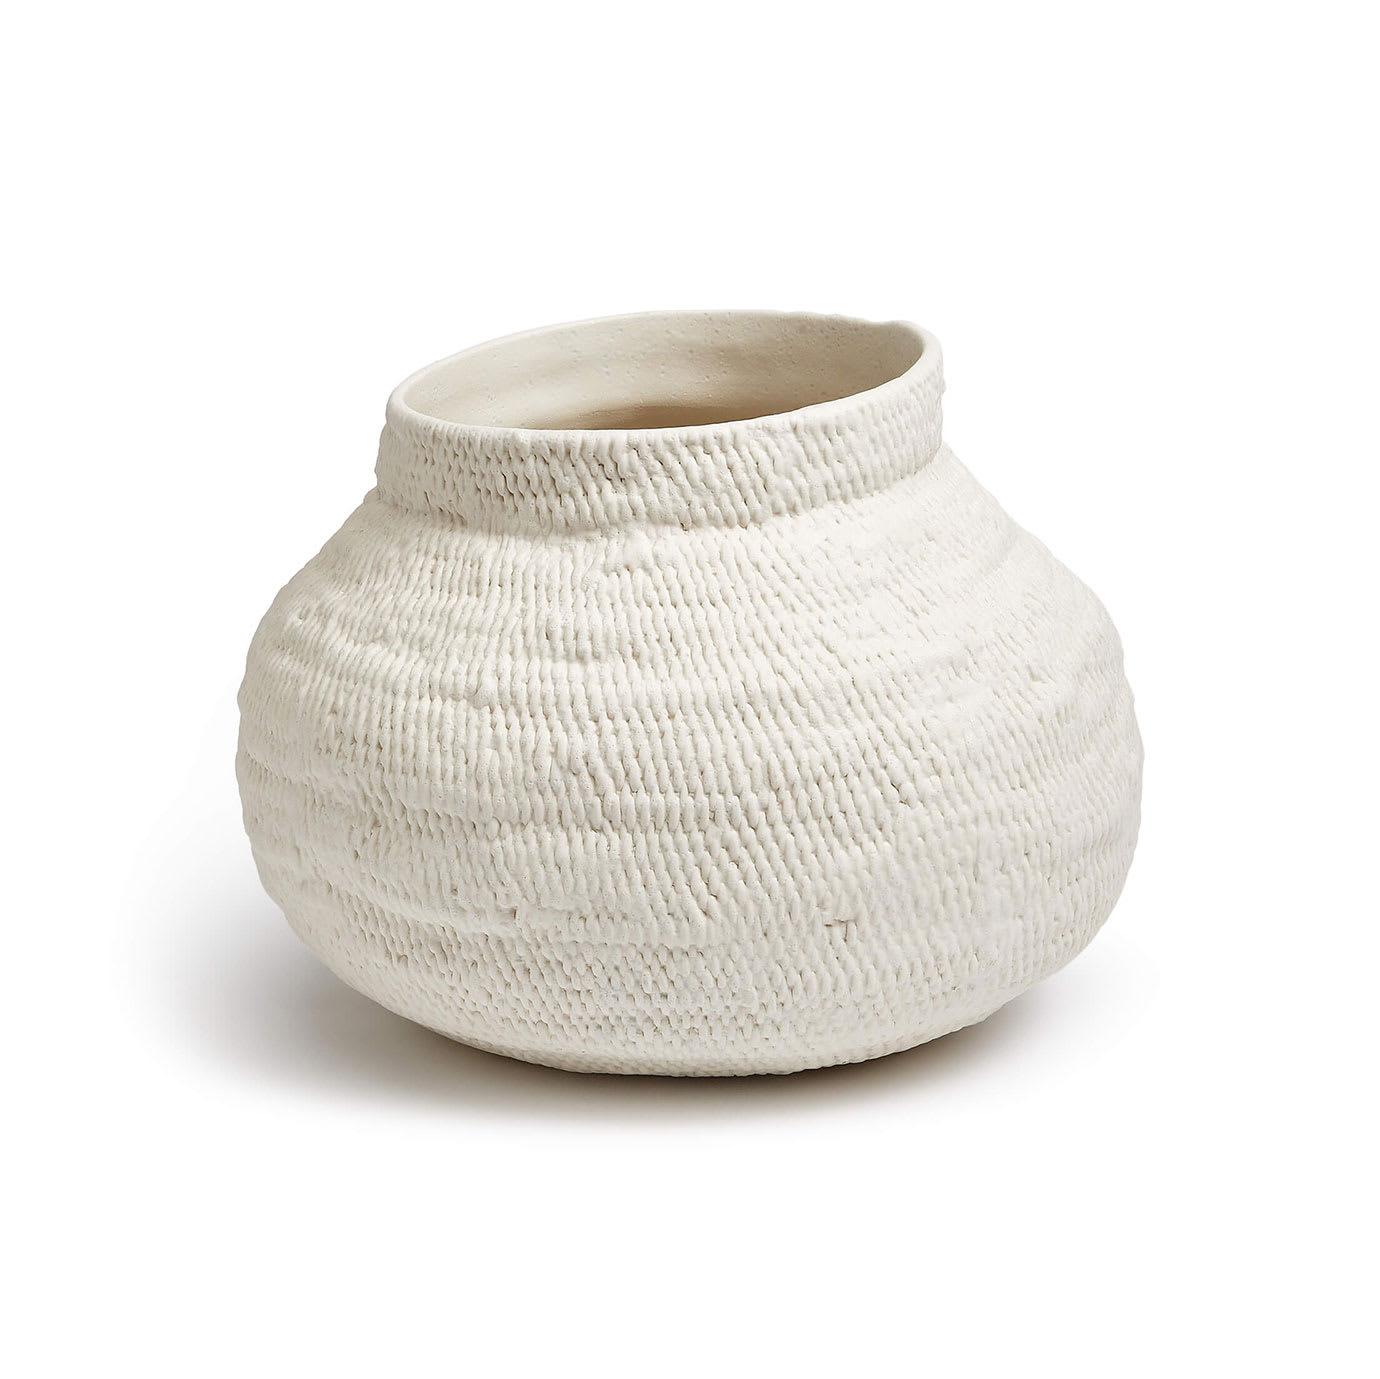 A white clay vase.